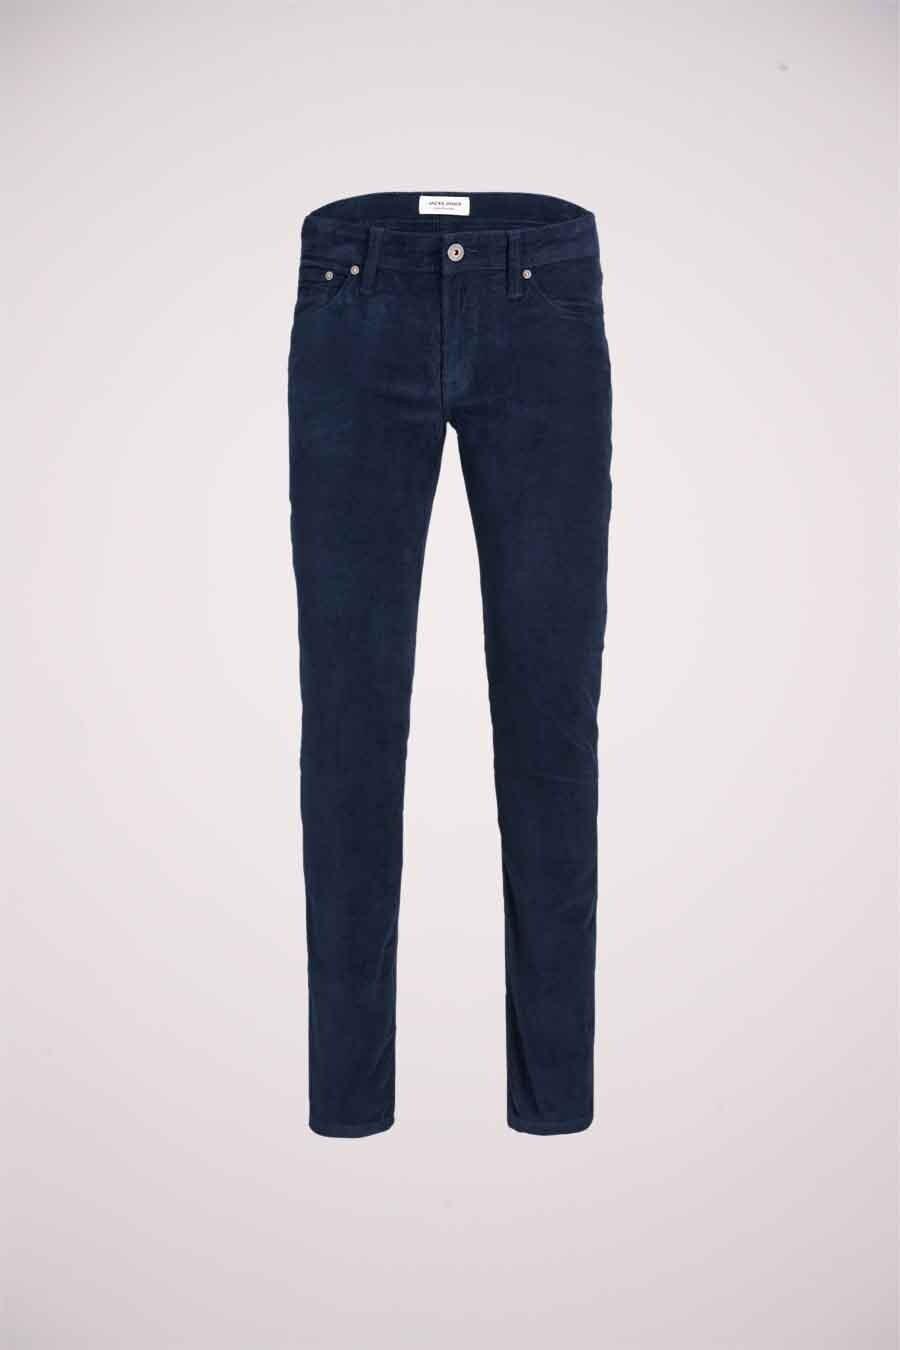 Jack & Jones Jeans Intelligence Broek, Blauw, Heren, Maat: 34x32